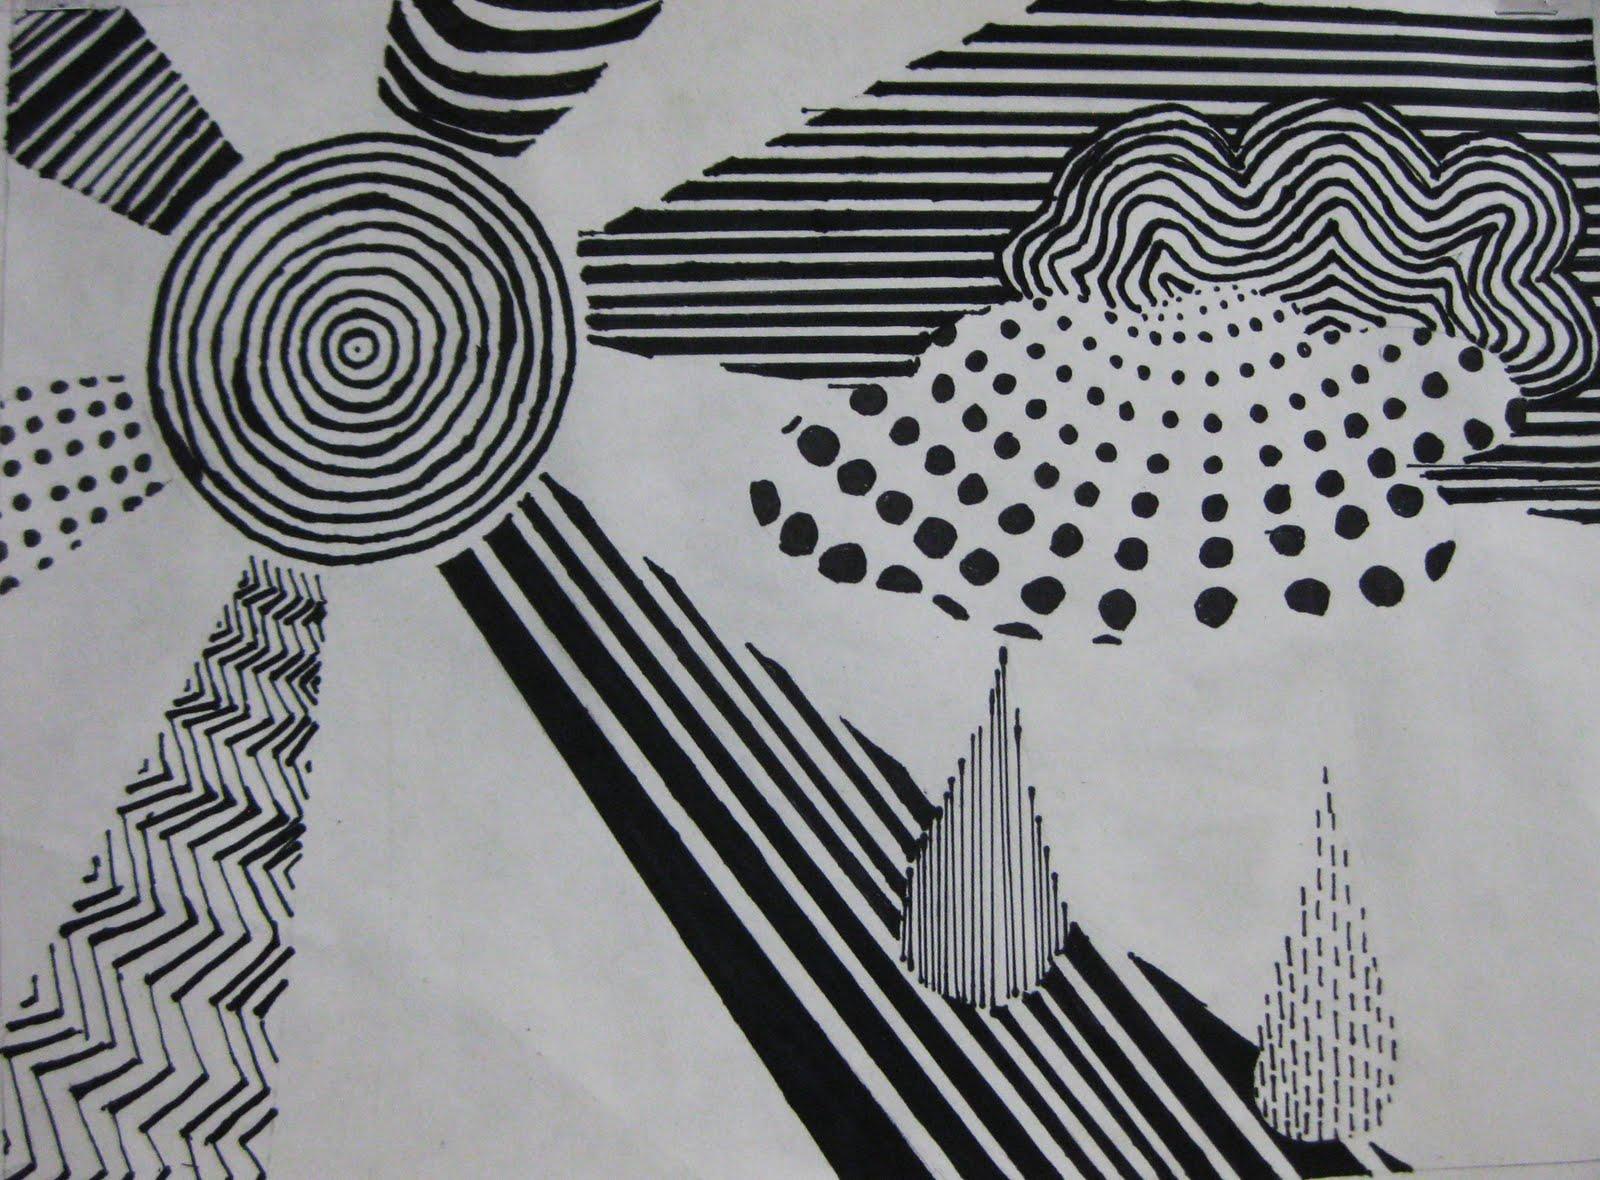 BHS Art Gallery: Graphic Design - Line Design